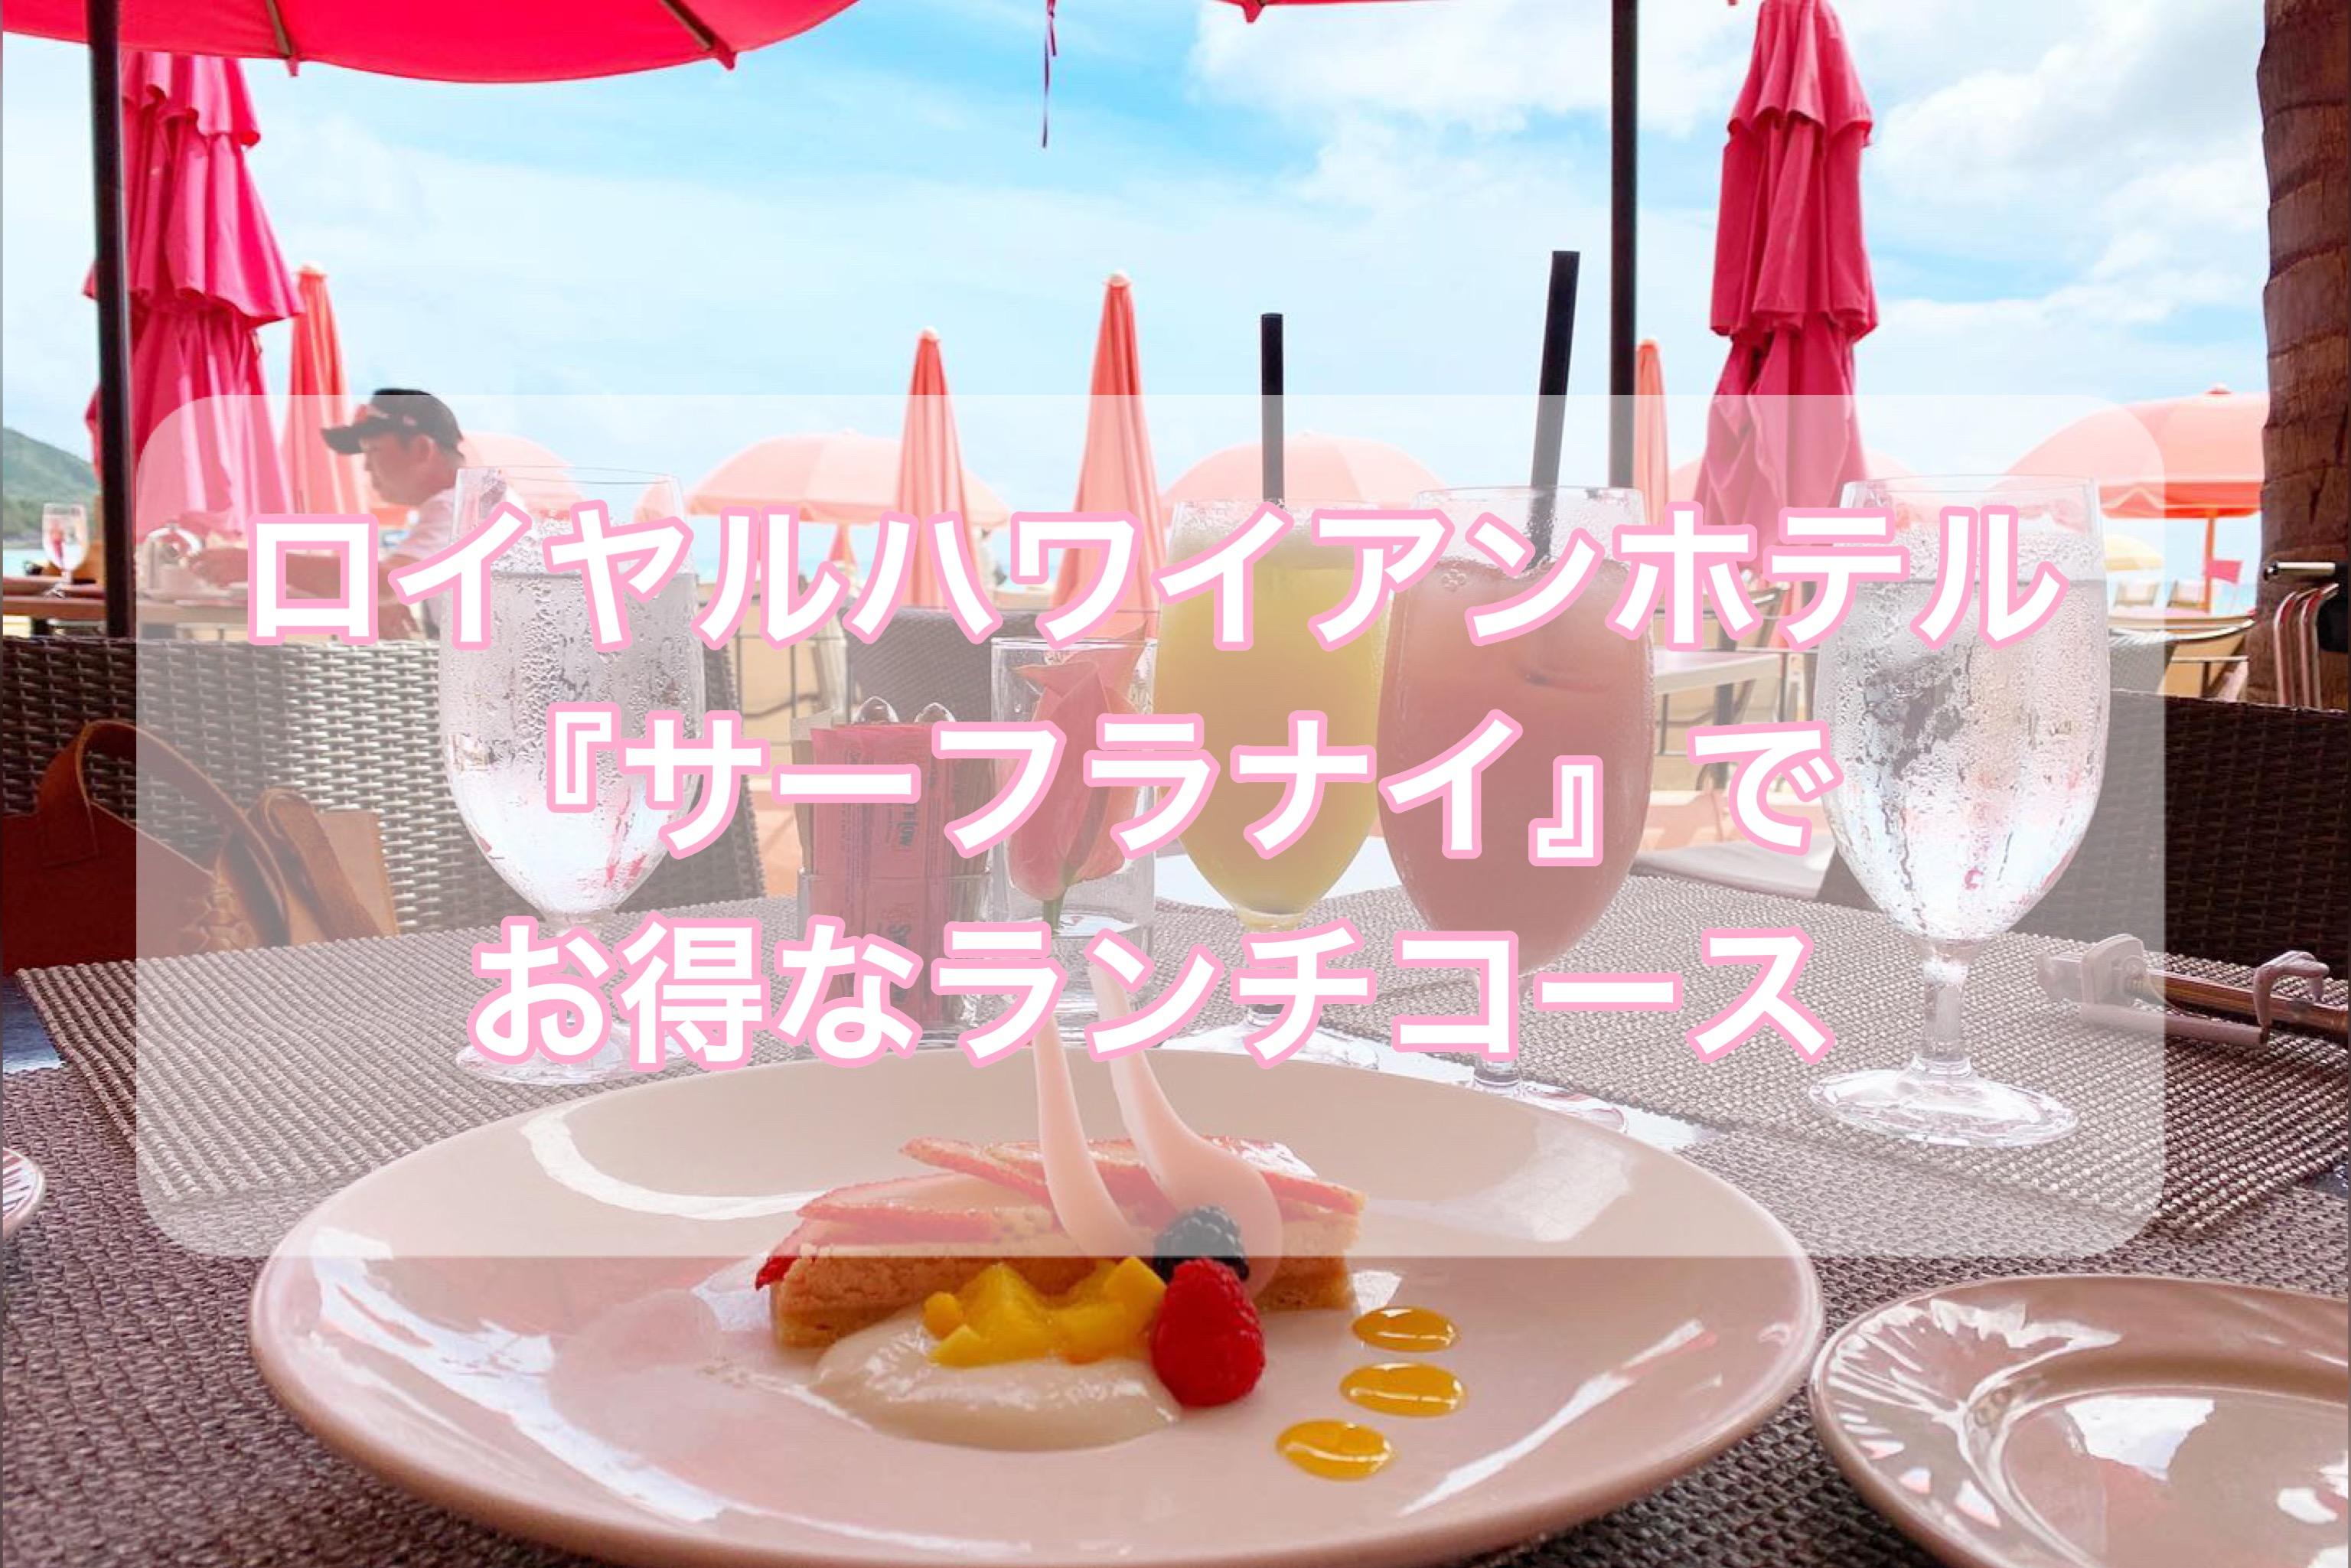 【ハワイグルメ】ロイヤルハワイアンホテル「サーフ・ラナイ」【お得なランチコース】